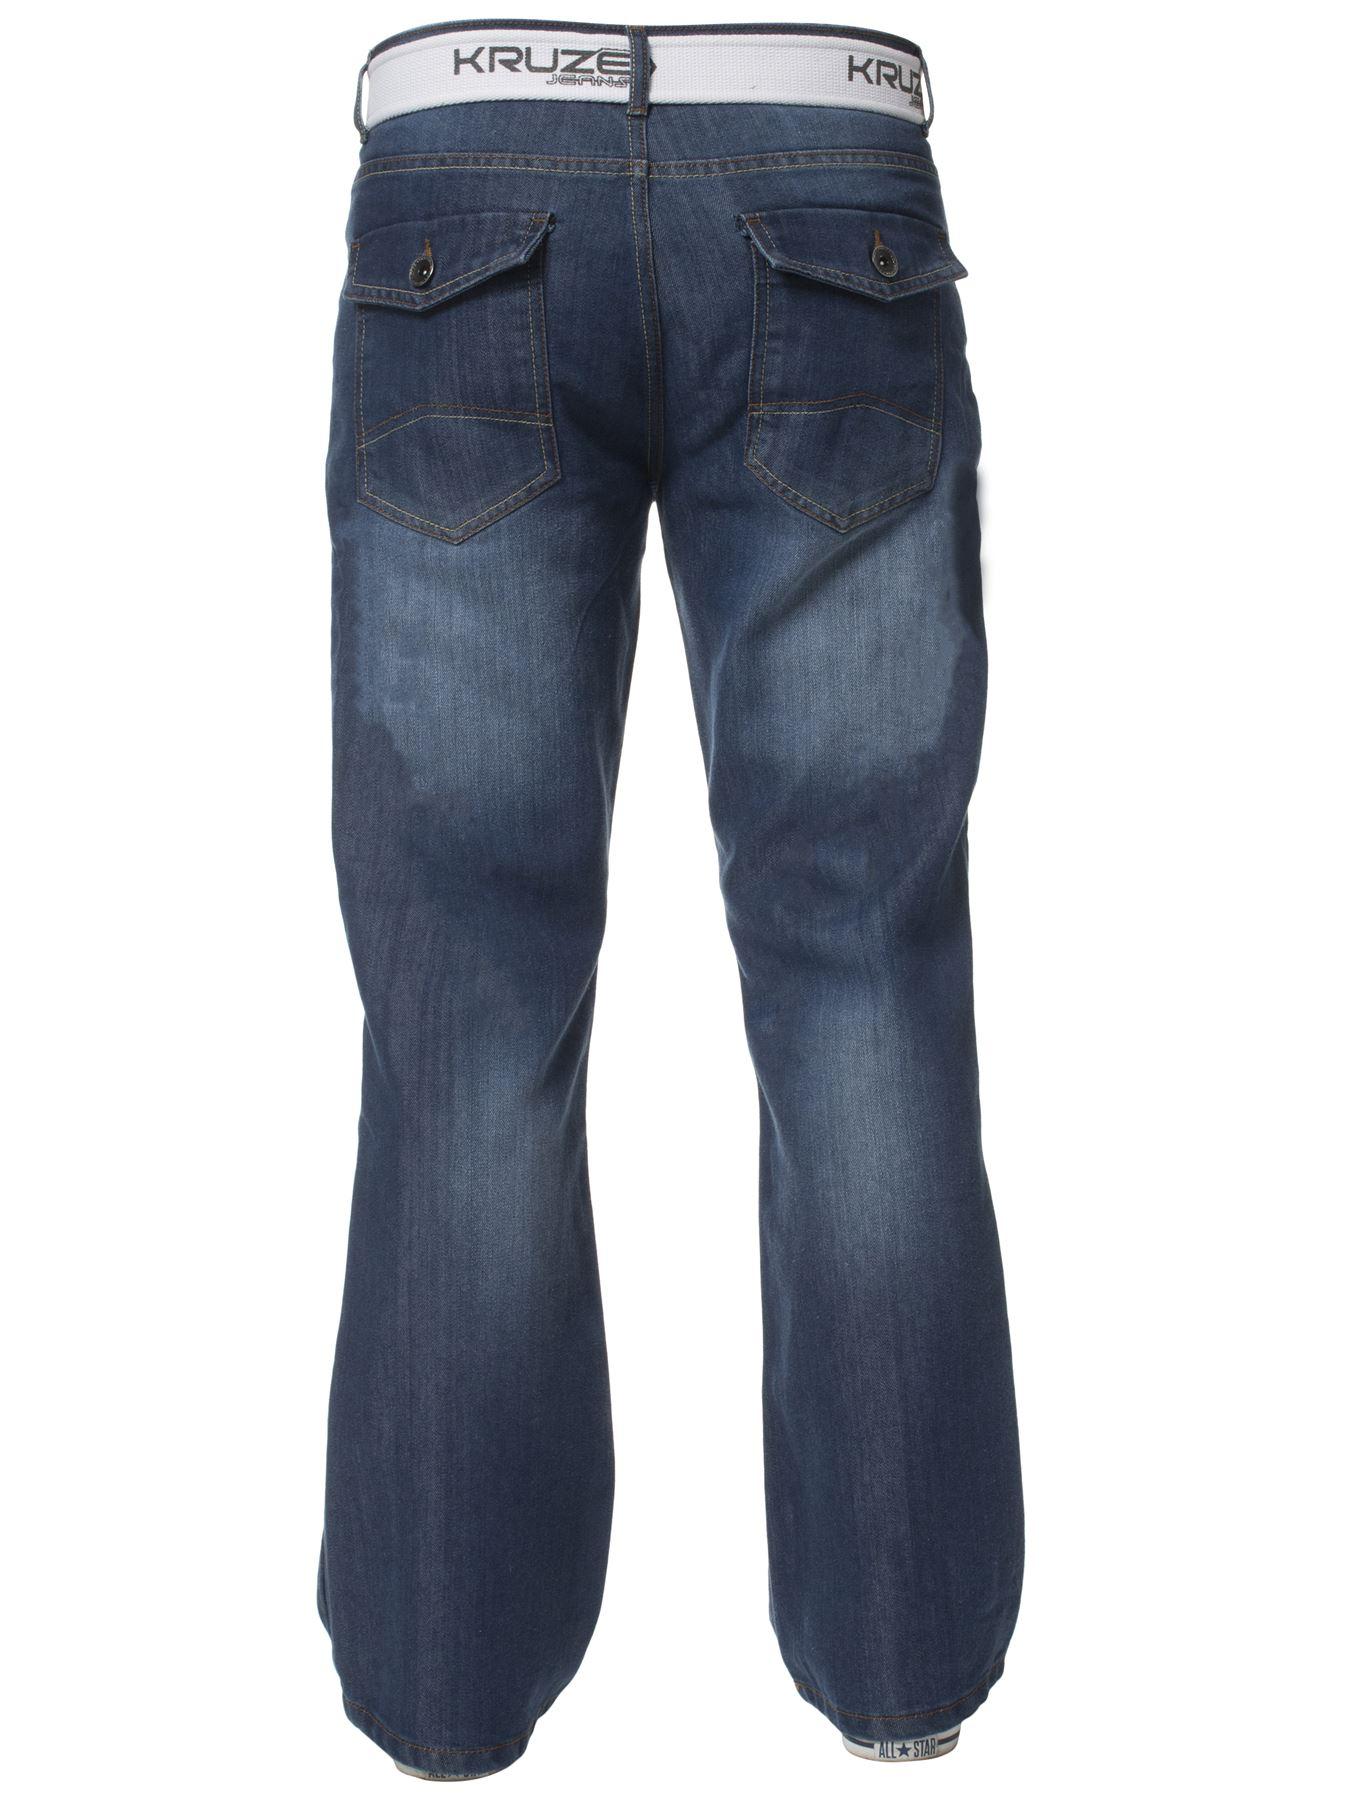 Kruze-Herren-Bootcut-Jeans-Ausgestellt-Weites-Bein-Denim-Hose-Gross-Hoch-Koenig Indexbild 7